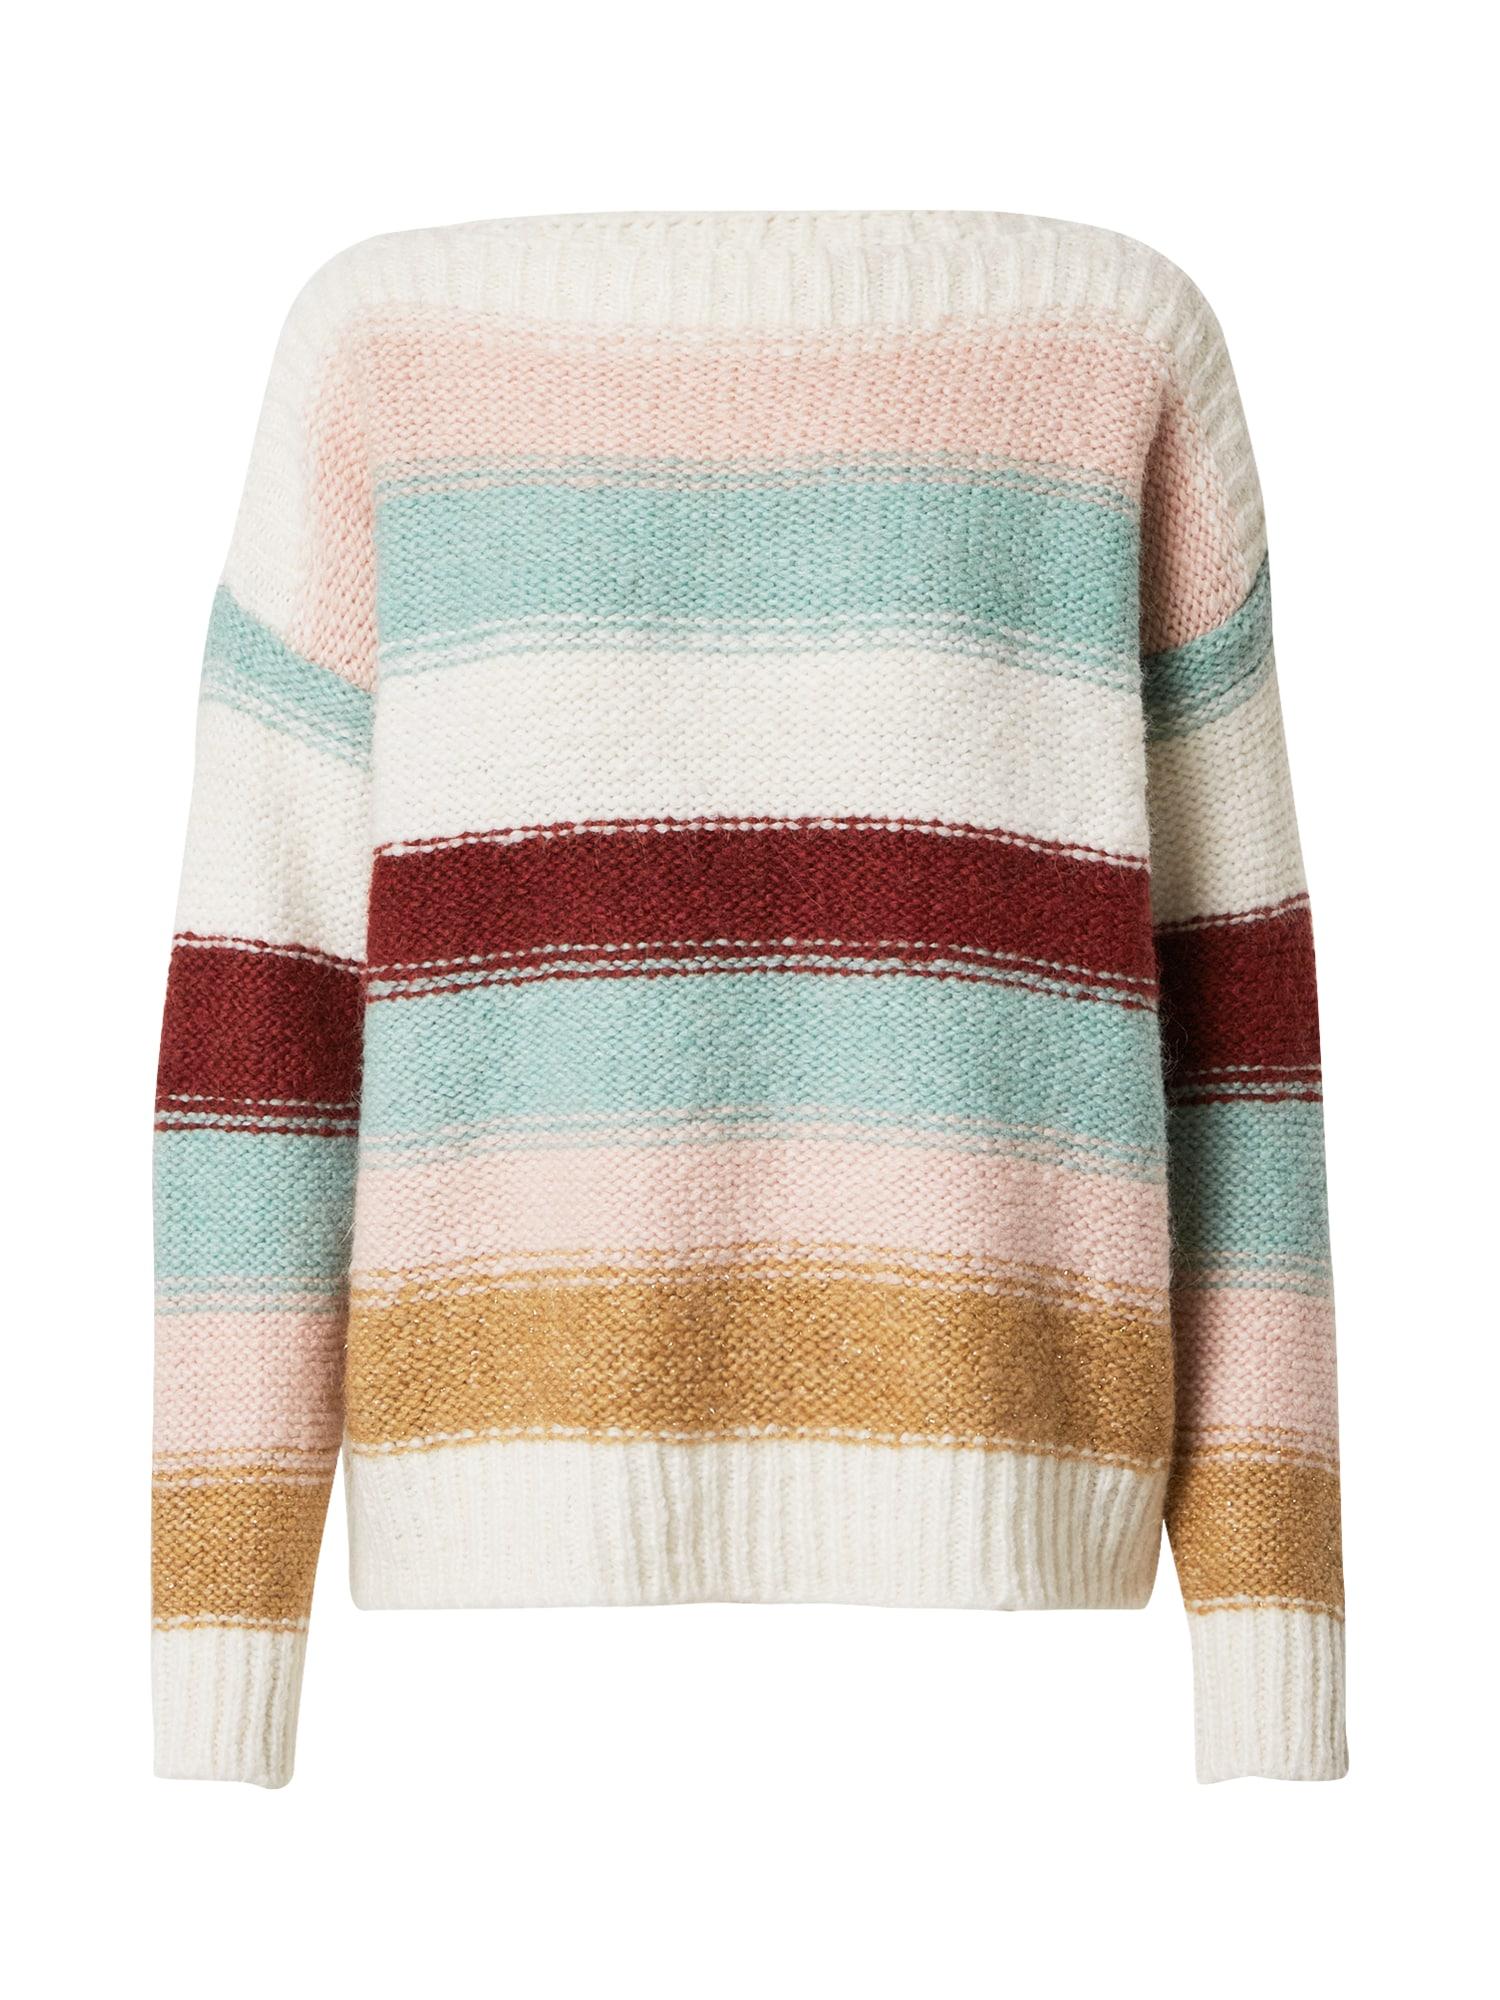 MORE & MORE Megztinis mišrios spalvos / pudros spalva / kremo / rožinė